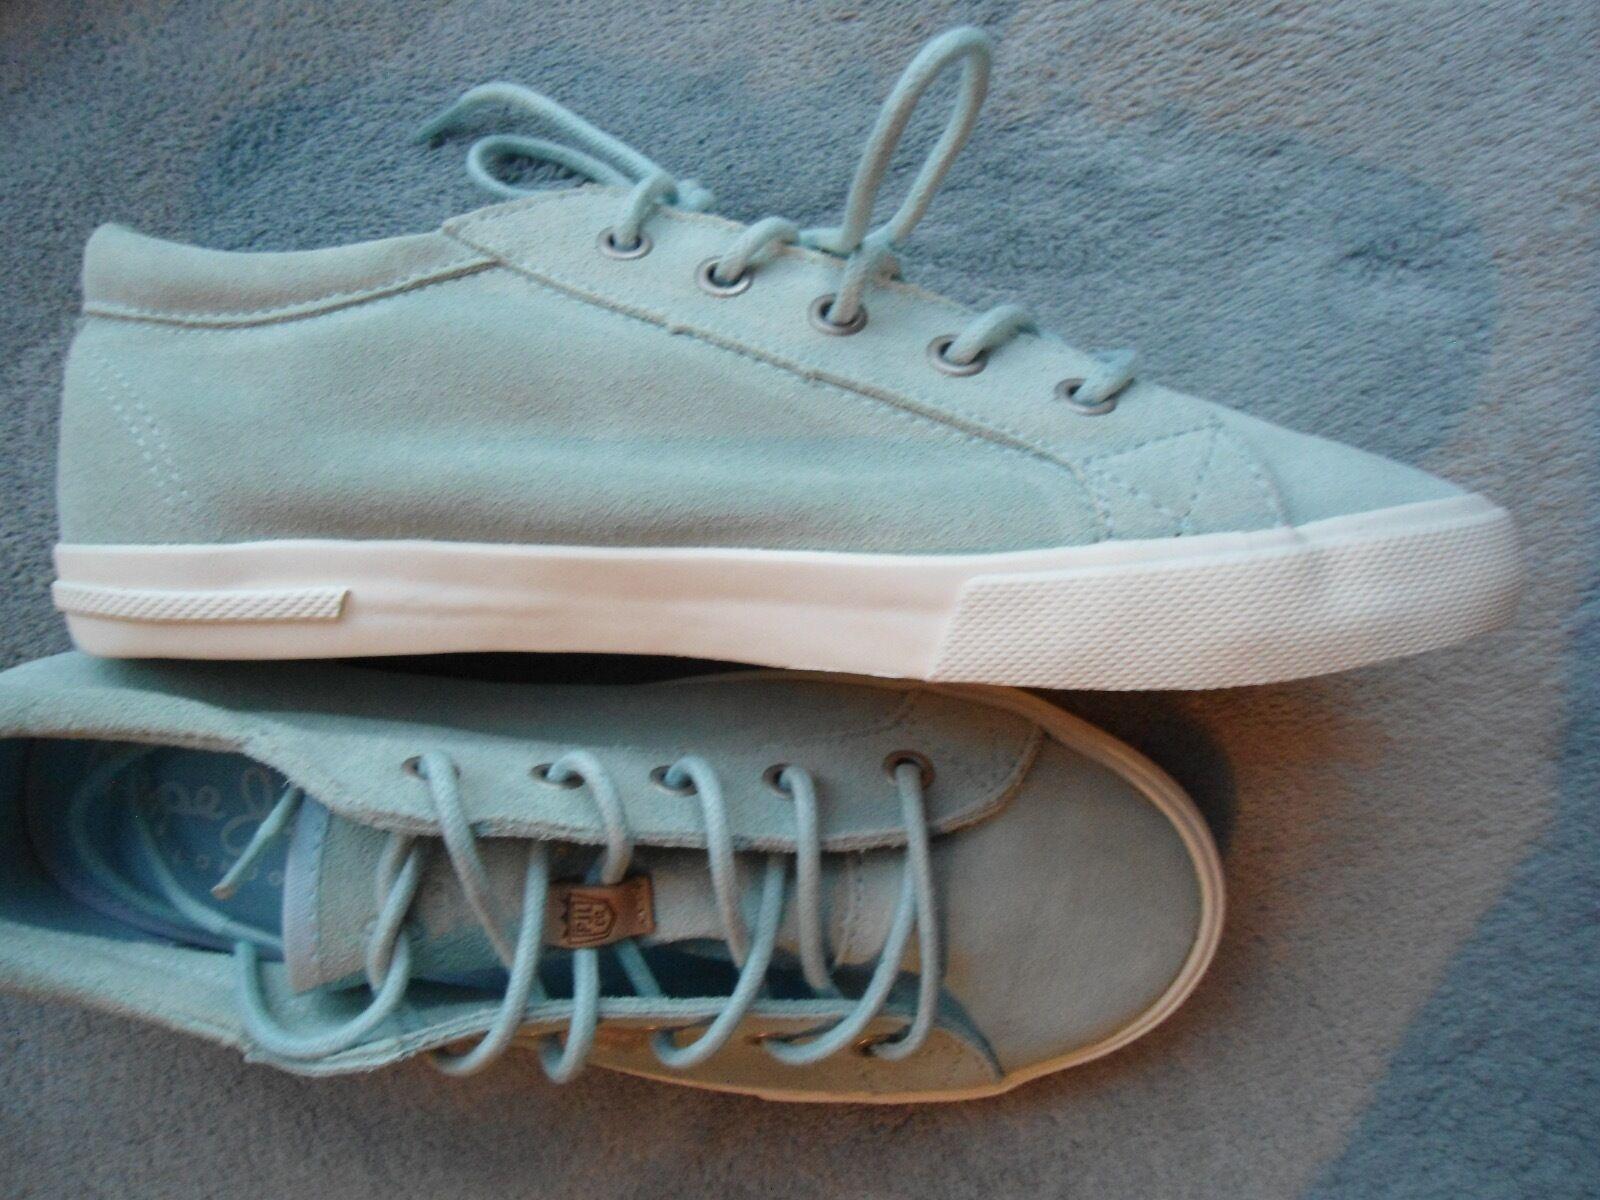 Pepe Jeans Sneaker Damen Gr.39 hellblau mint Leder NEU